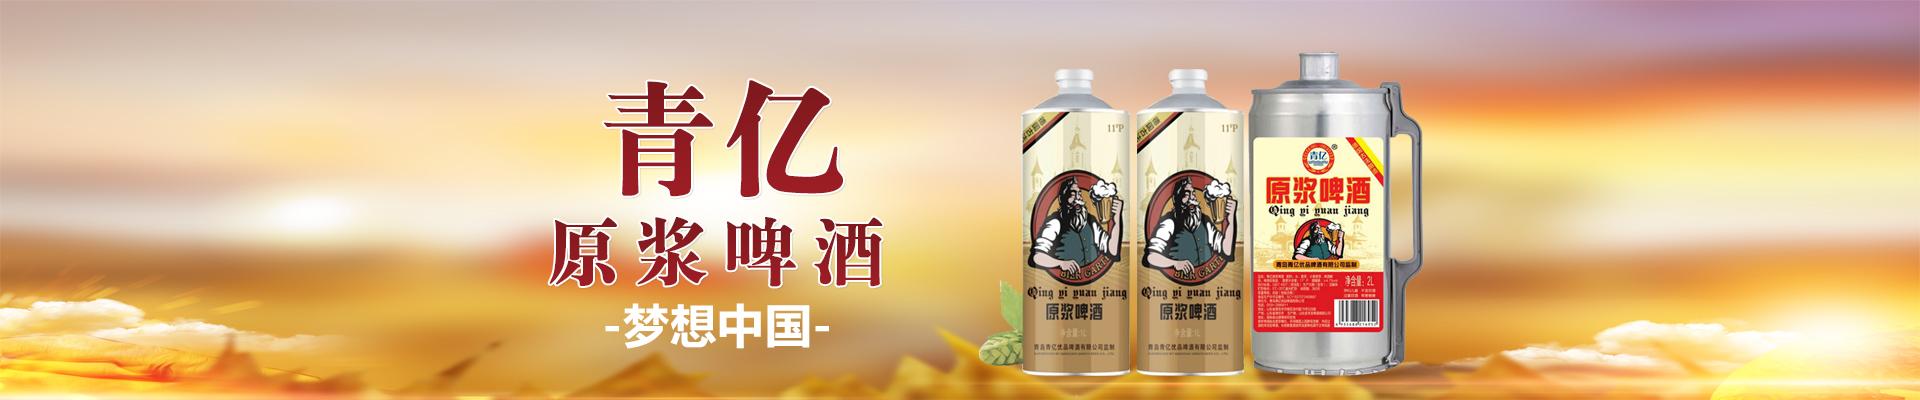 青岛青亿优品啤酒有限公司